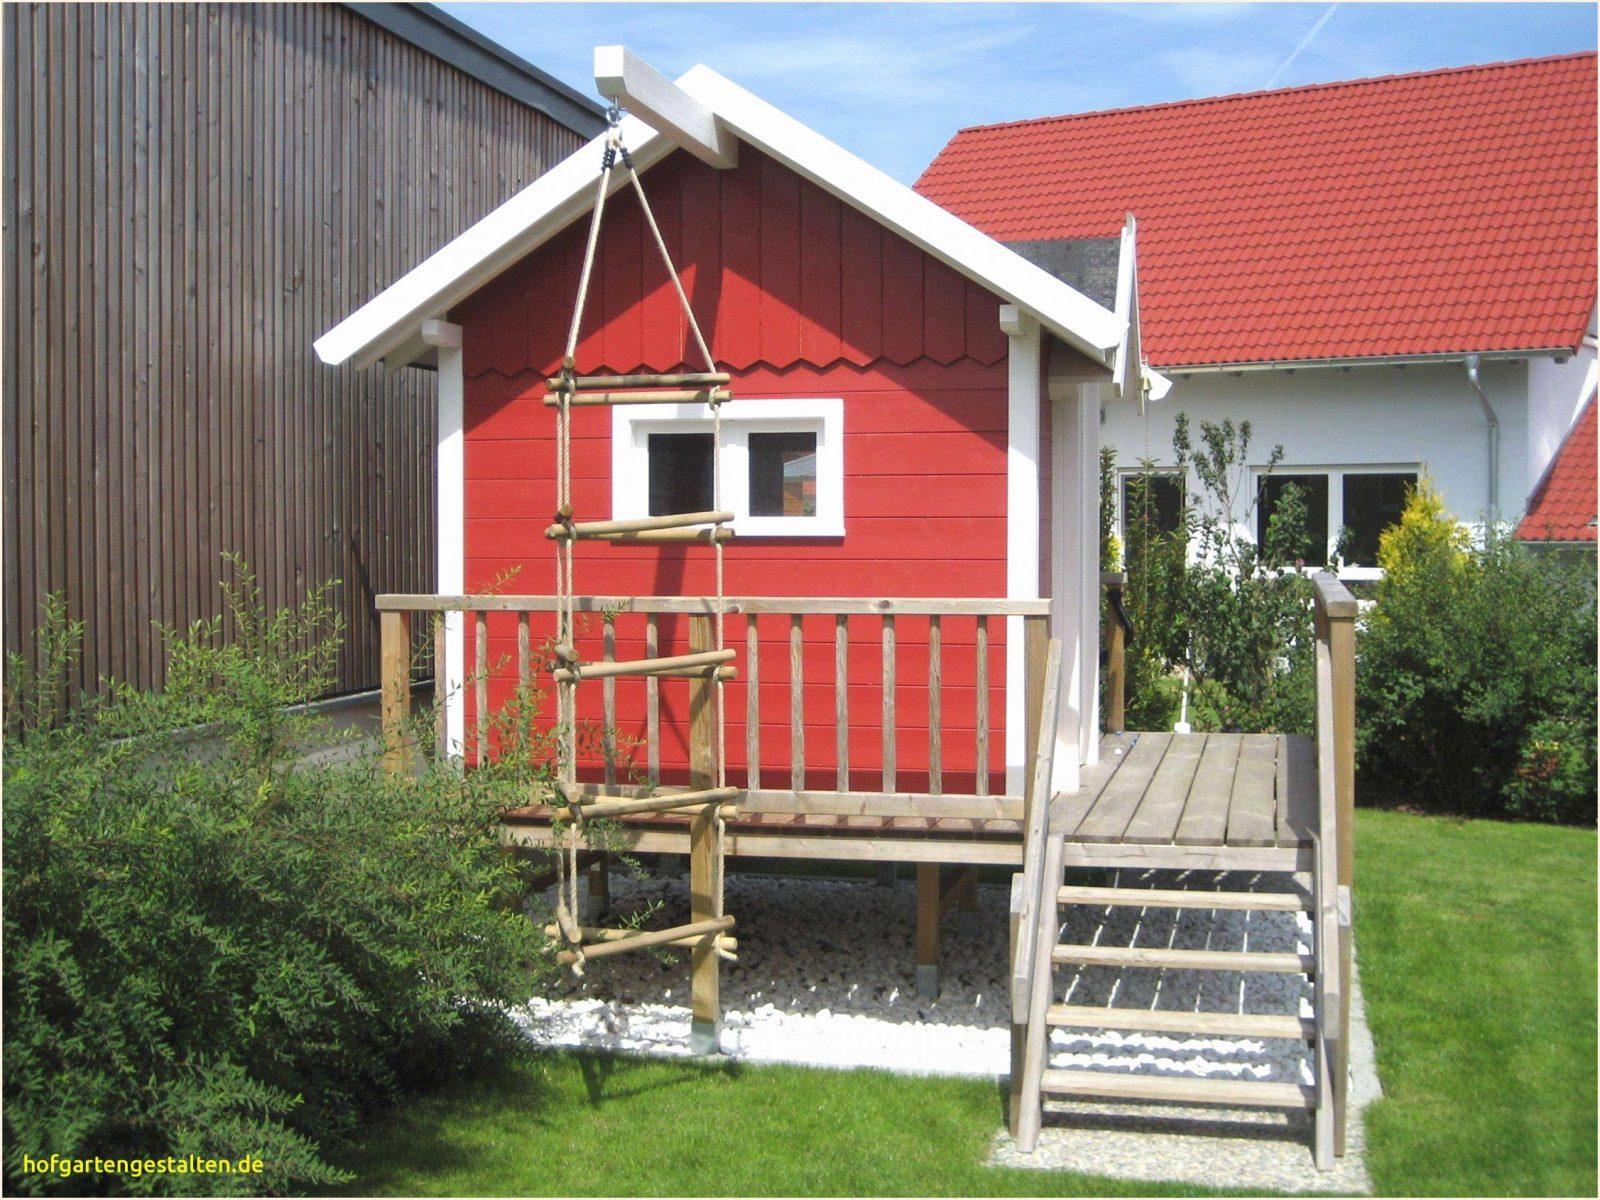 Spielhaus Mit Rutsche Selber Bauen Genial Schön Spielhaus Garten von Holz Spielhaus Selber Bauen Bild